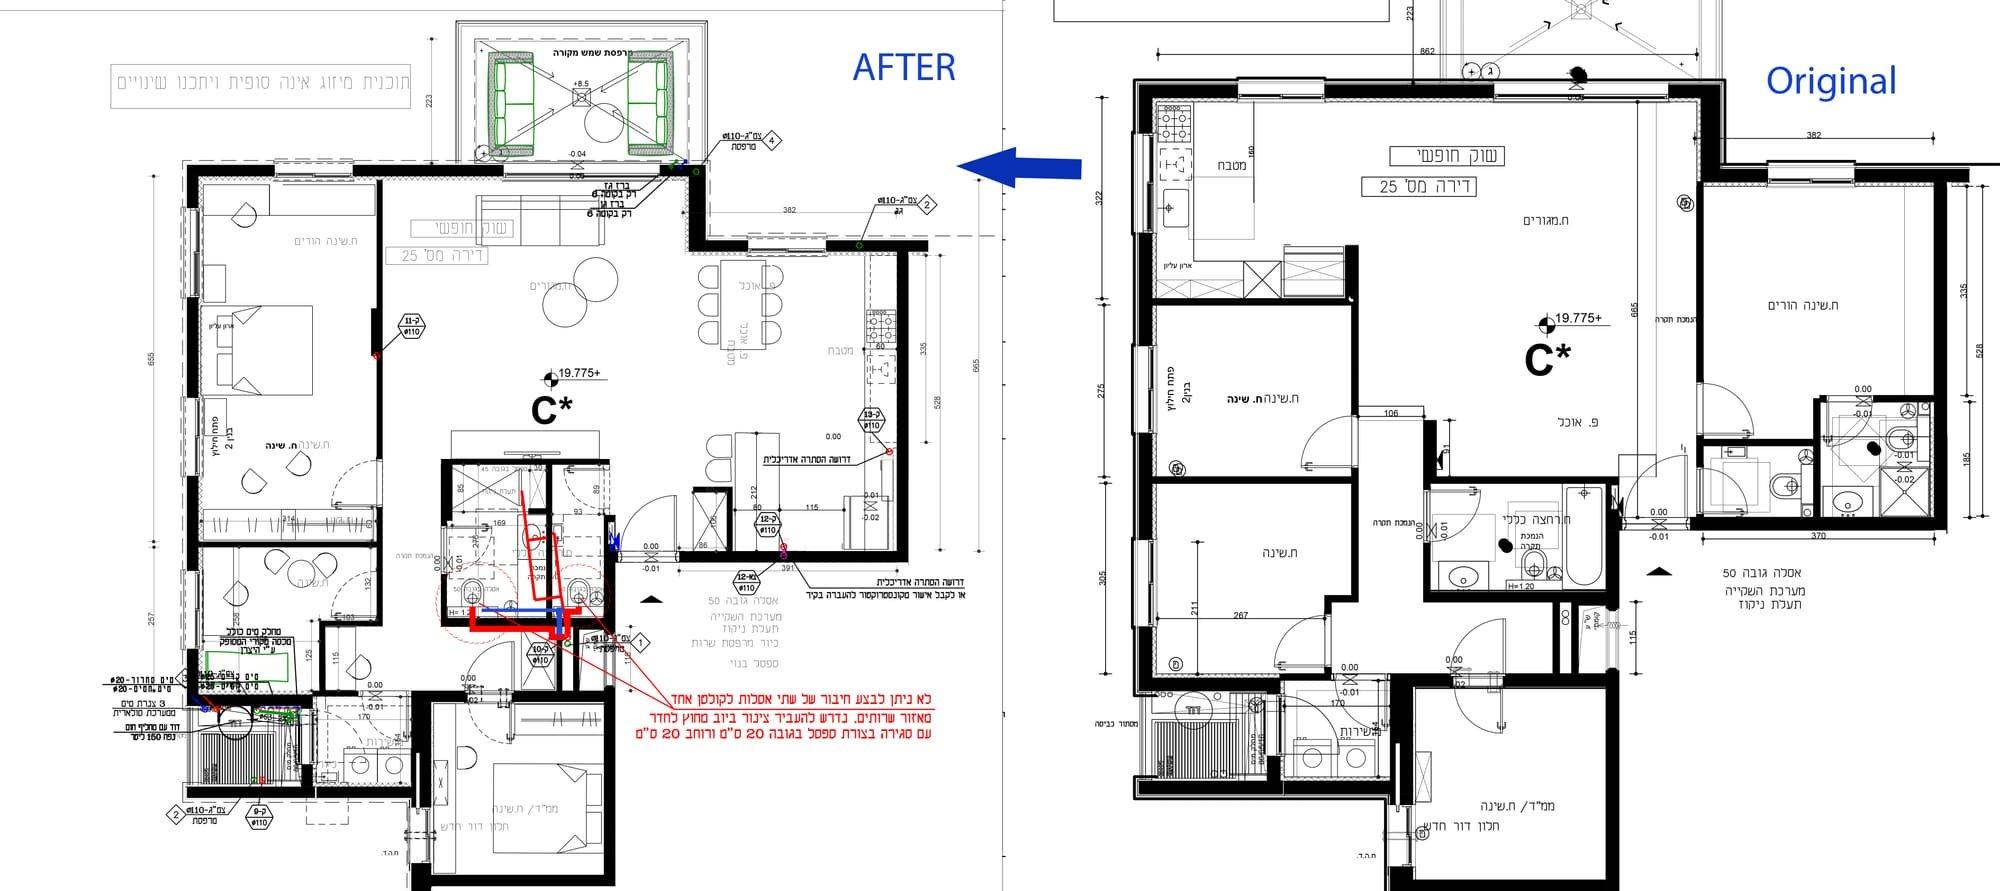 תוכנית הדירה מקור מול שינויי דיירים